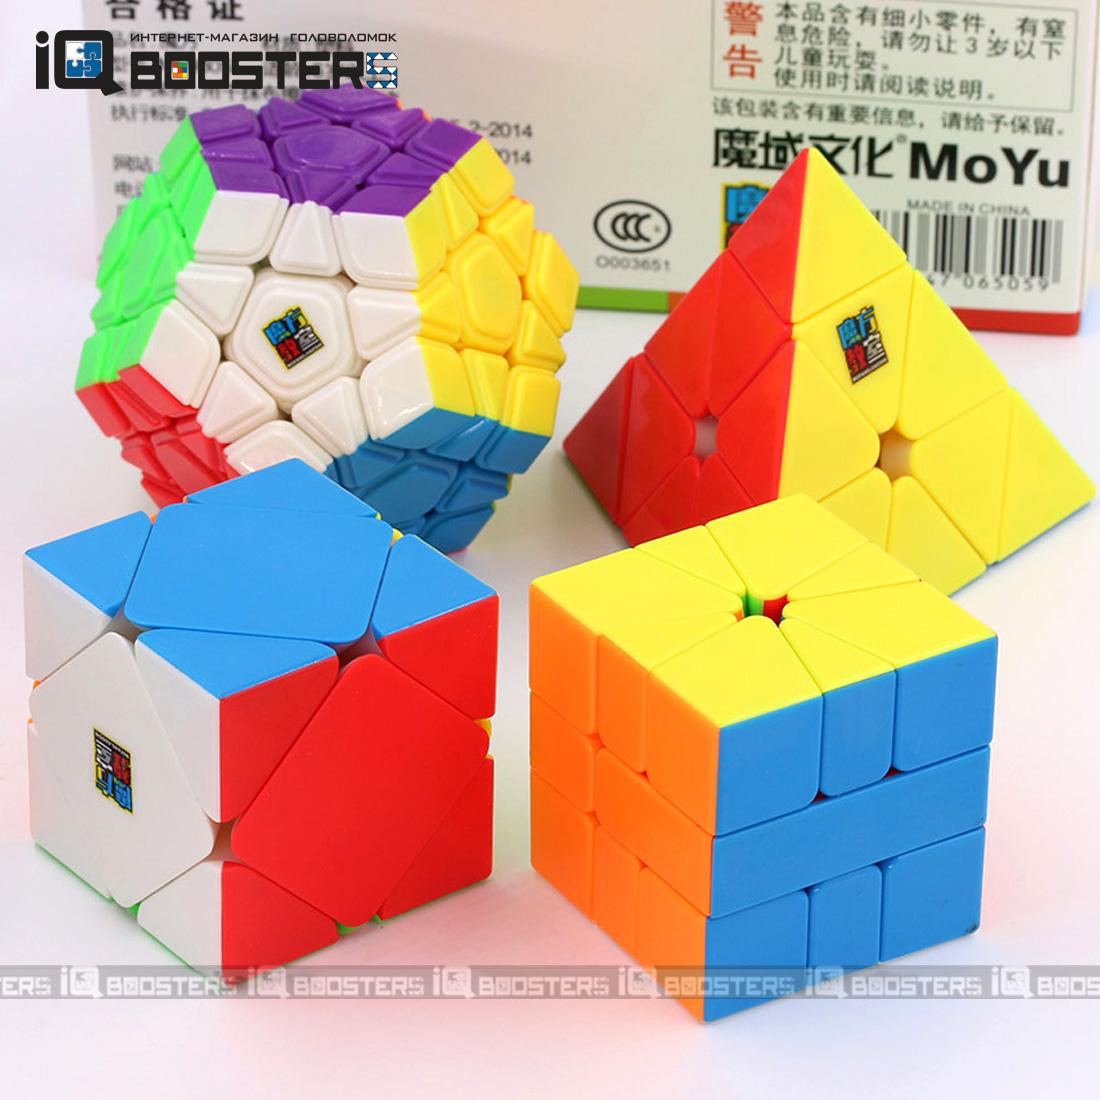 moyu_cc_gift-box_psms_4